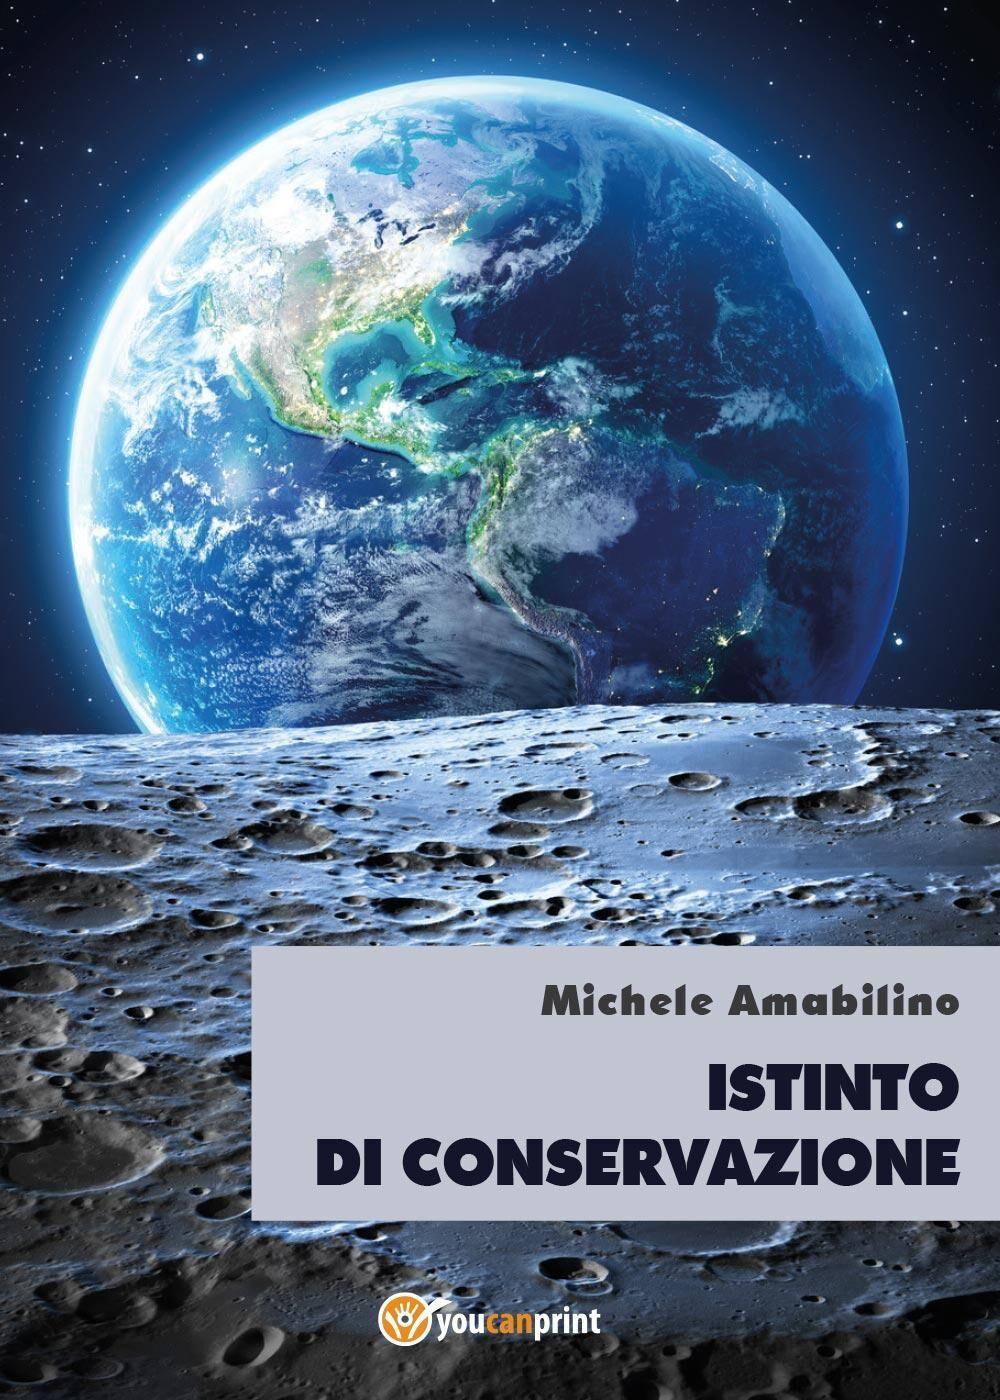 Istinto di conservazione